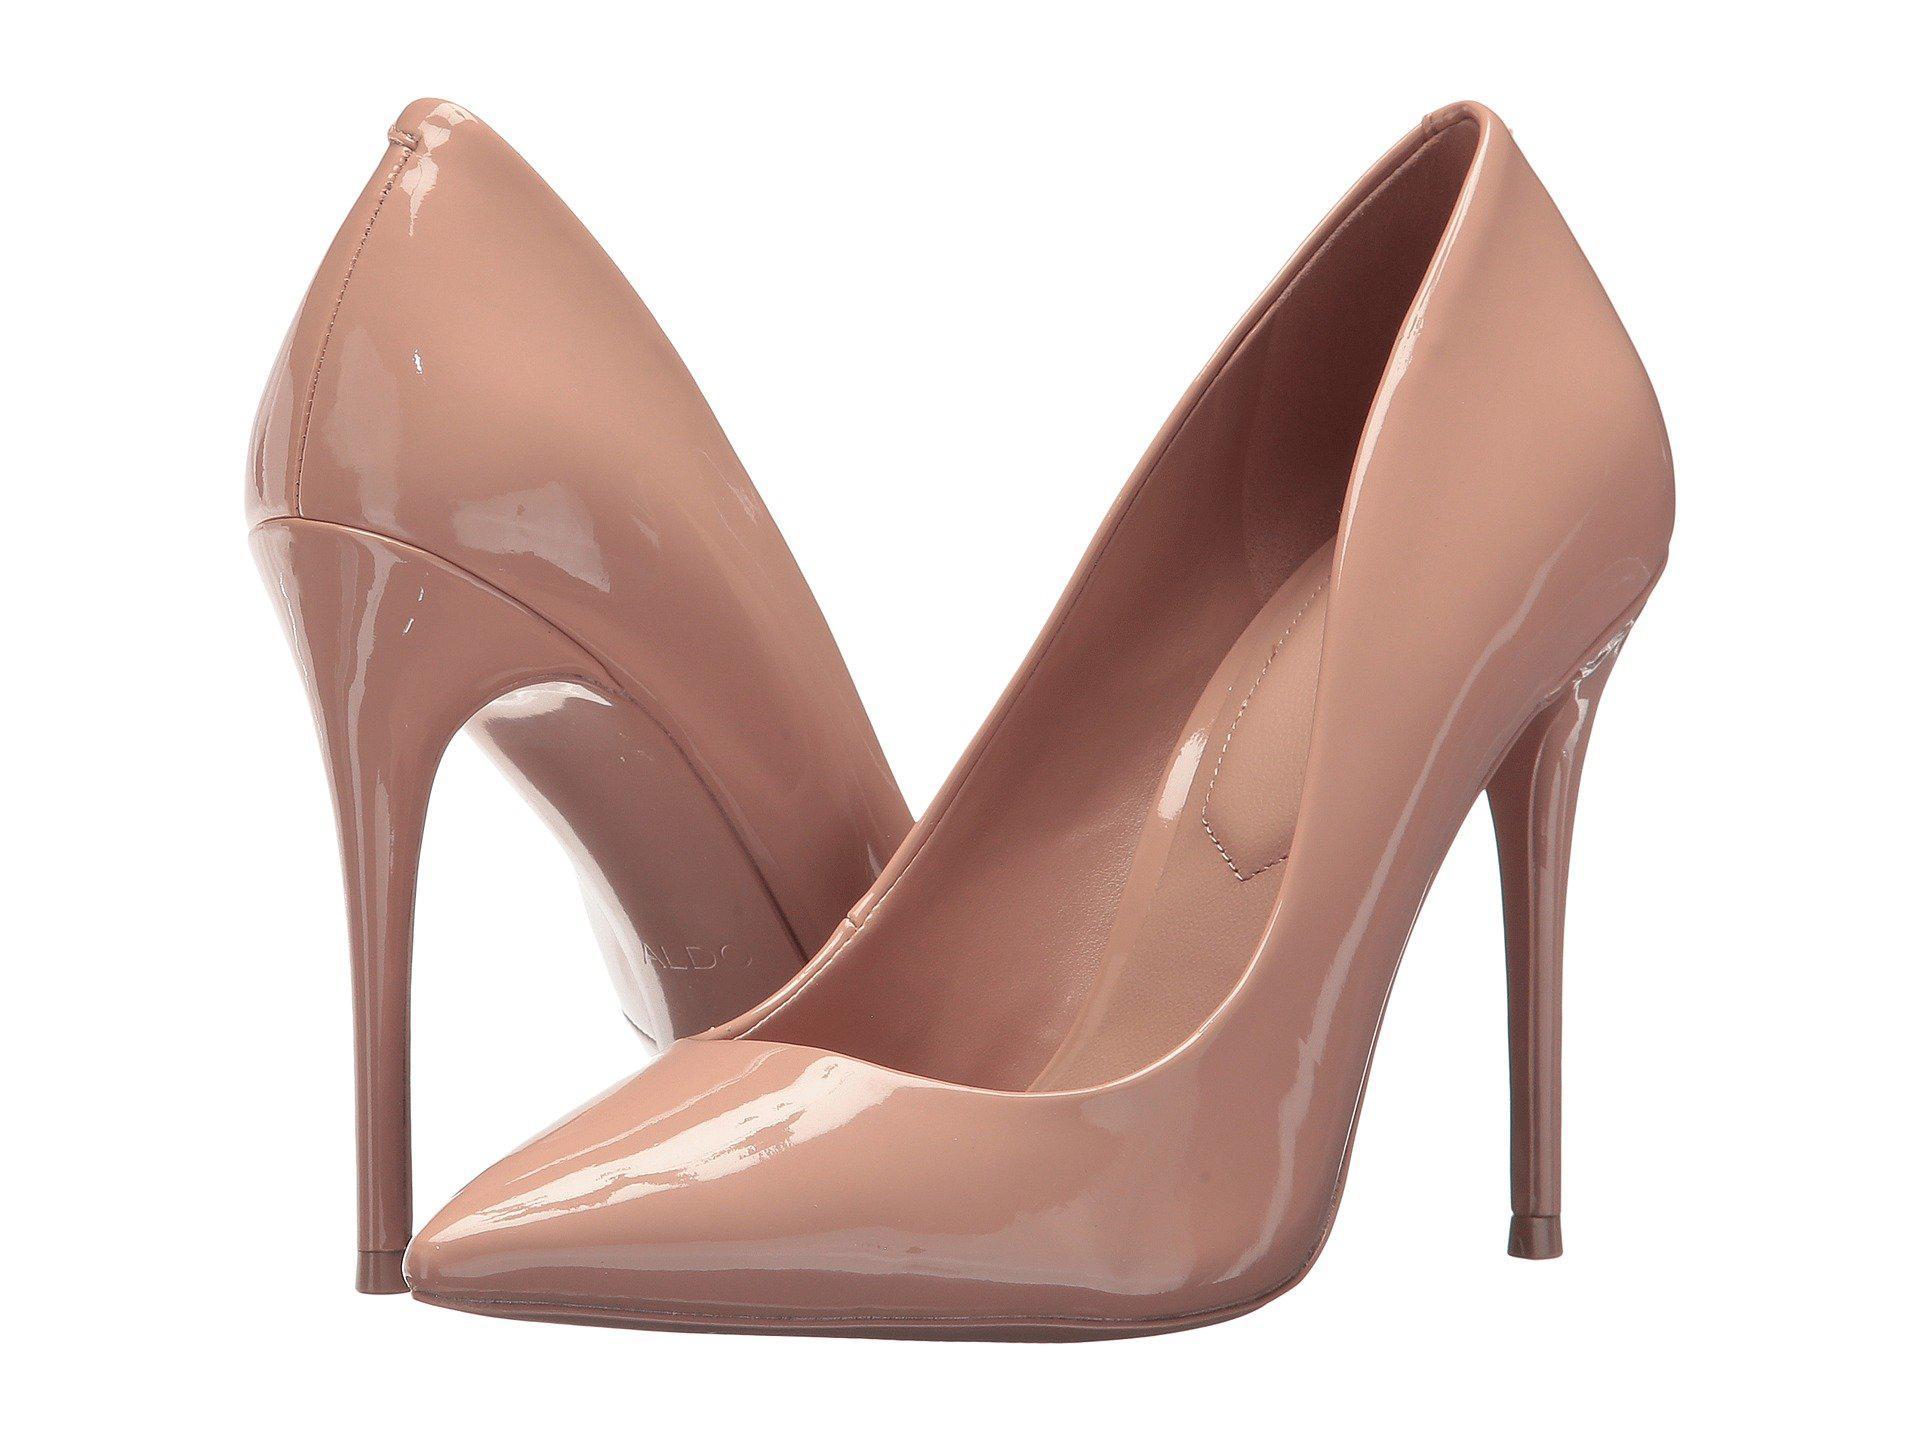 6f3ffed519a4 Lyst - ALDO Stessy in Pink